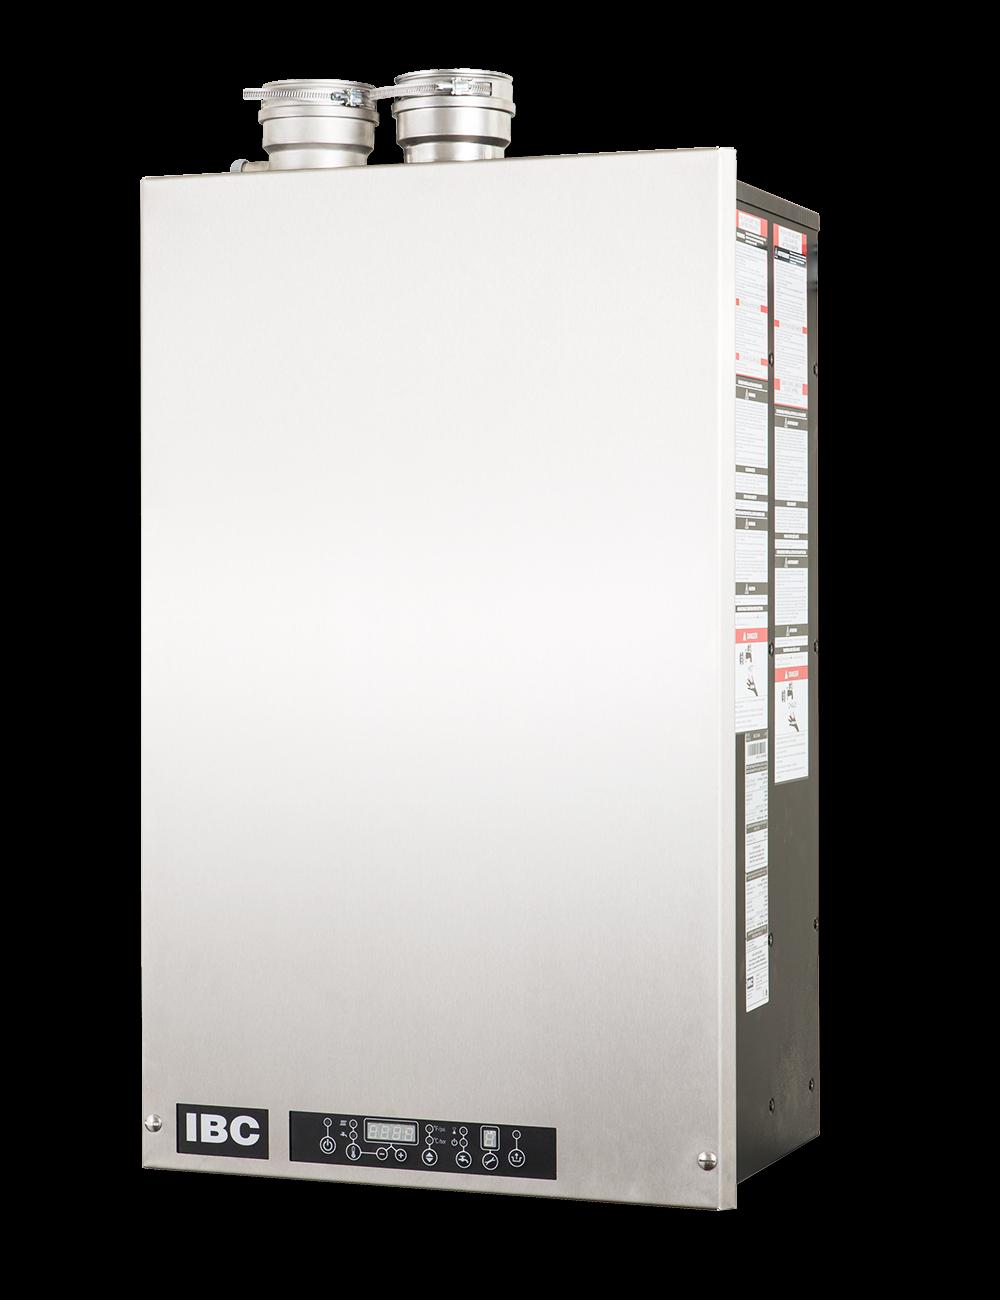 Dual Condensing Boiler